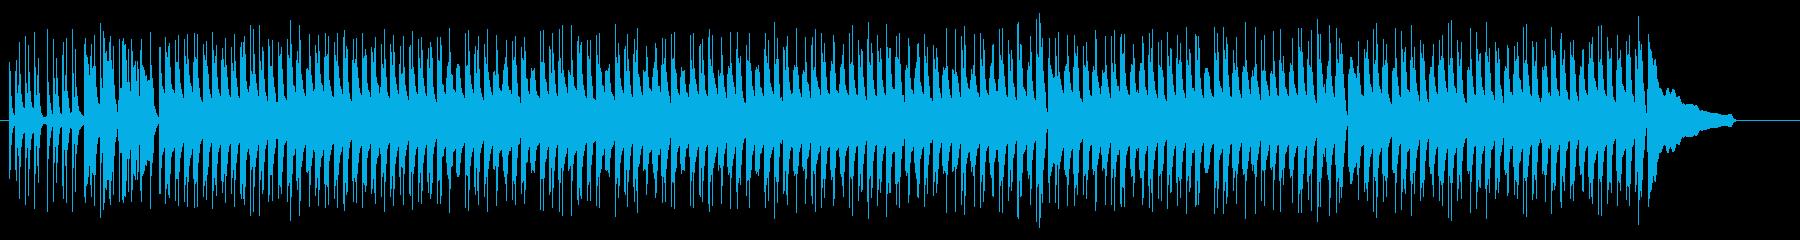 【リズム抜】明るく軽快な沖縄/観光/三線の再生済みの波形